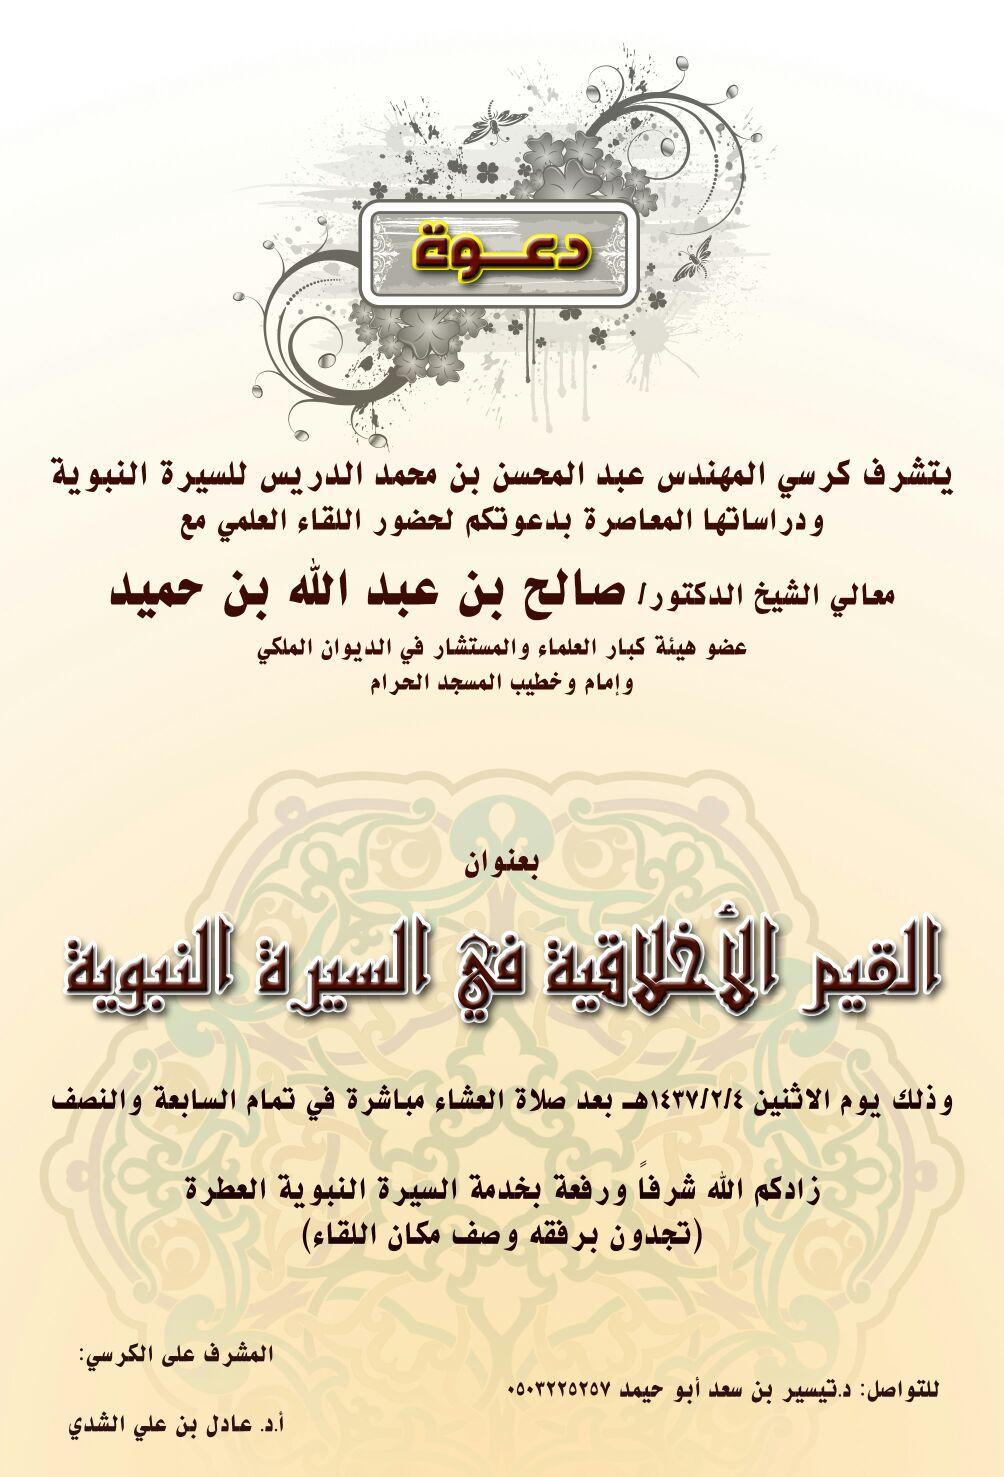 معالي الشيخ الدكتور/ صالح بن عبد الله بن حميد ضيف اللقاء الشهري